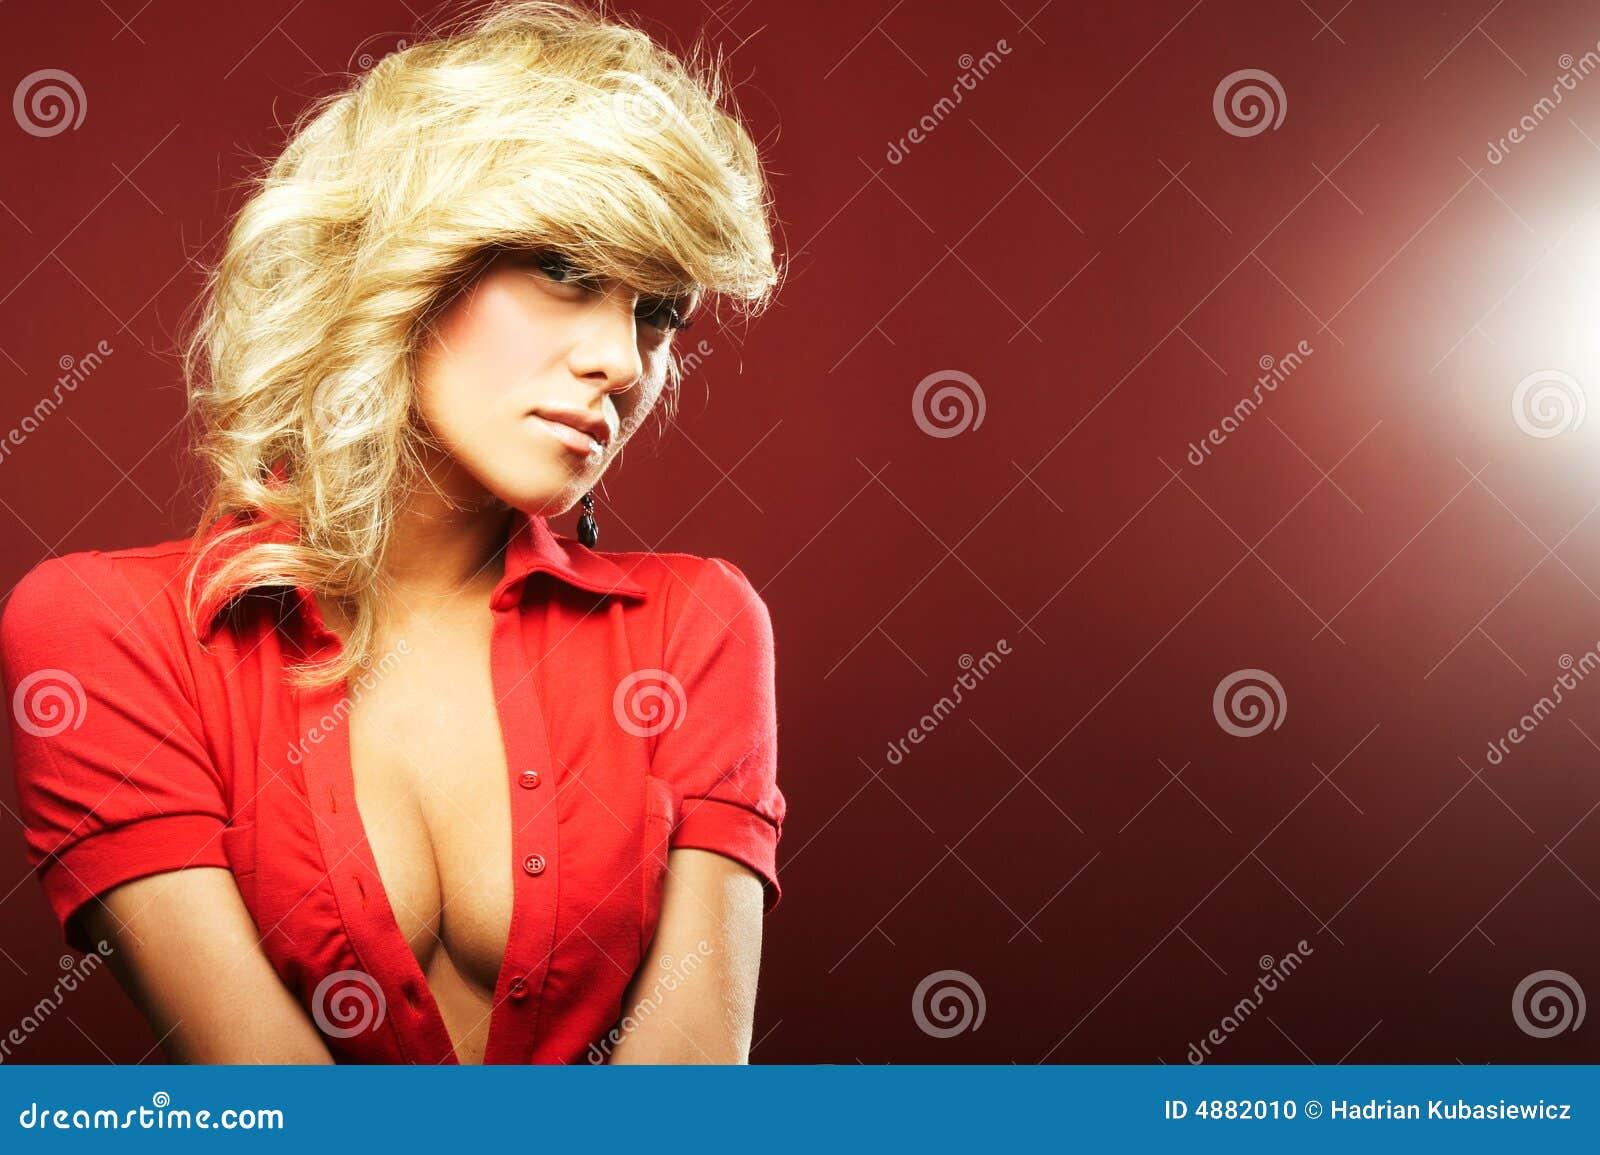 Czerwony seksowną dziewczynę bluzki